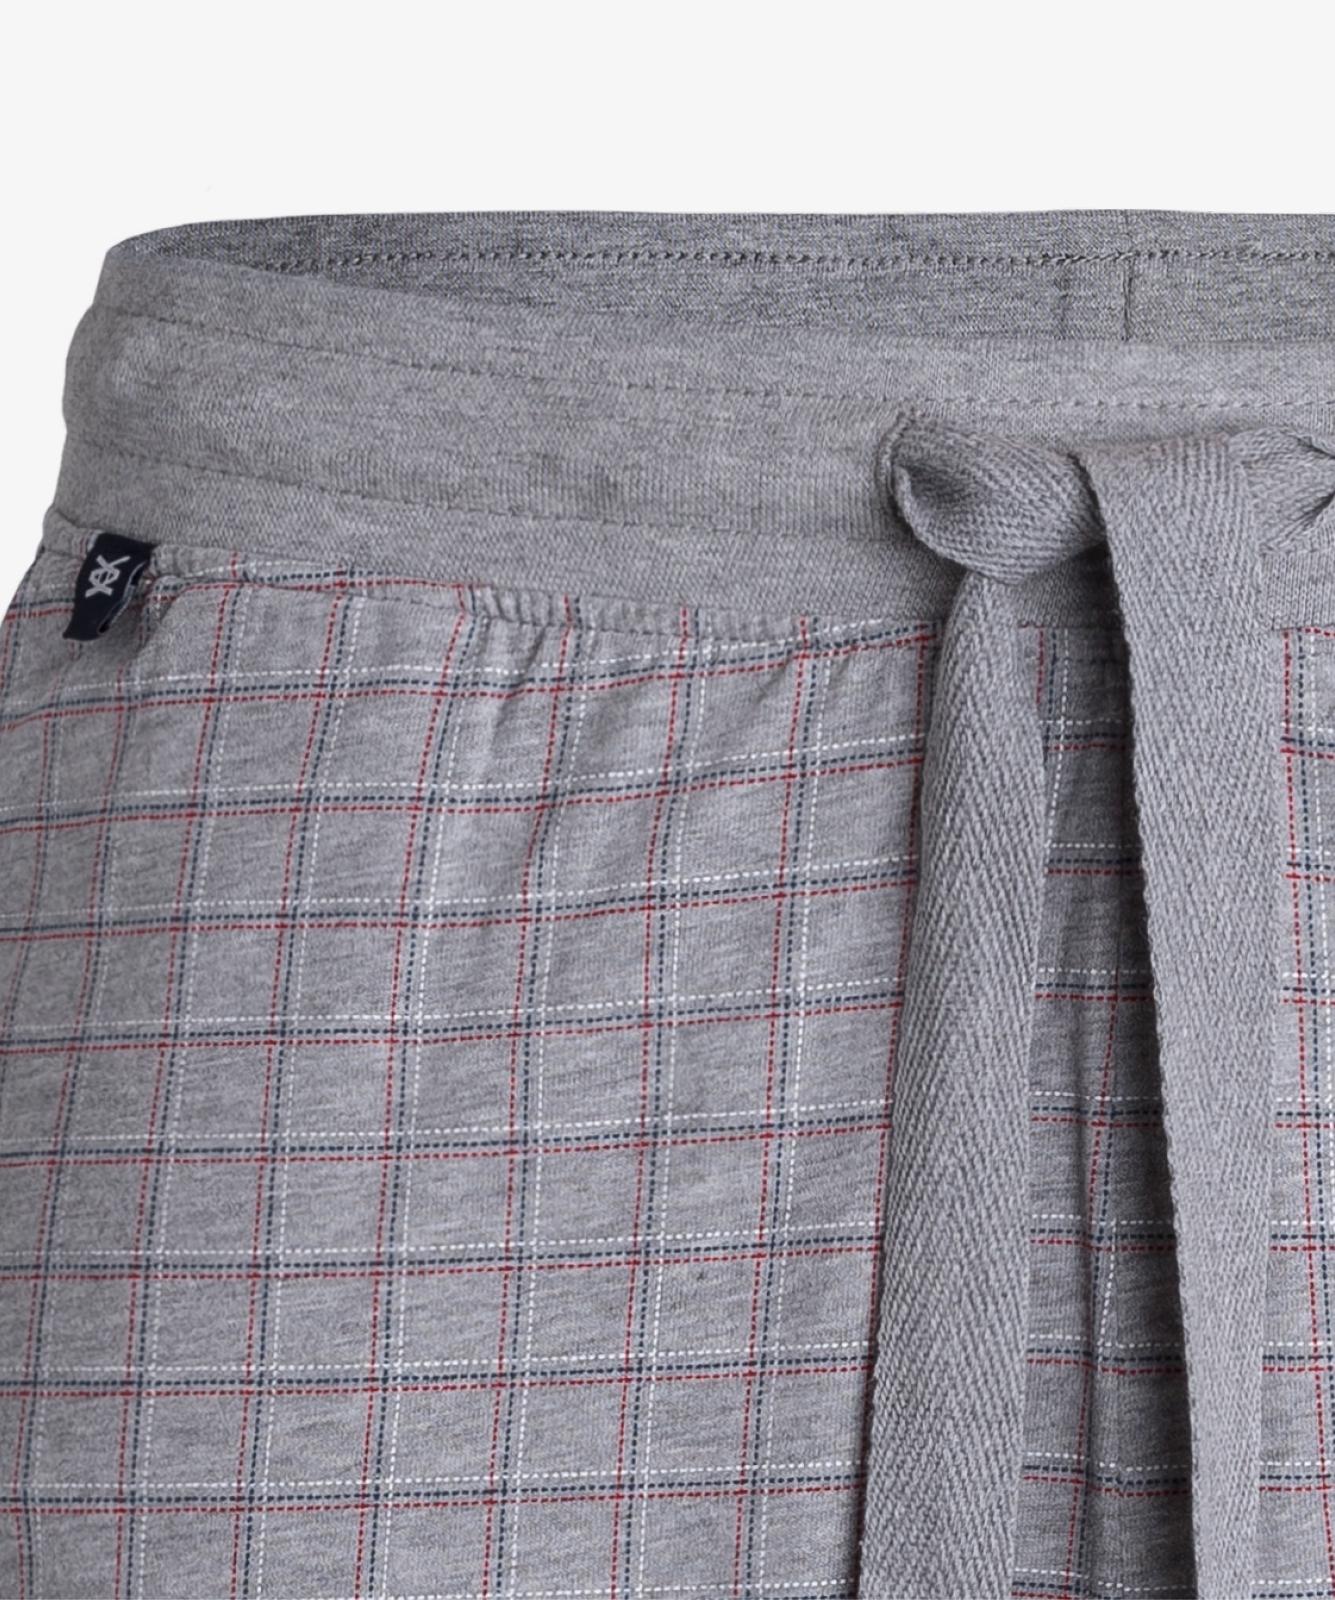 Мужская пижама Atlantic, 1 шт. в уп., хлопок, темно-синяя, NMP-341